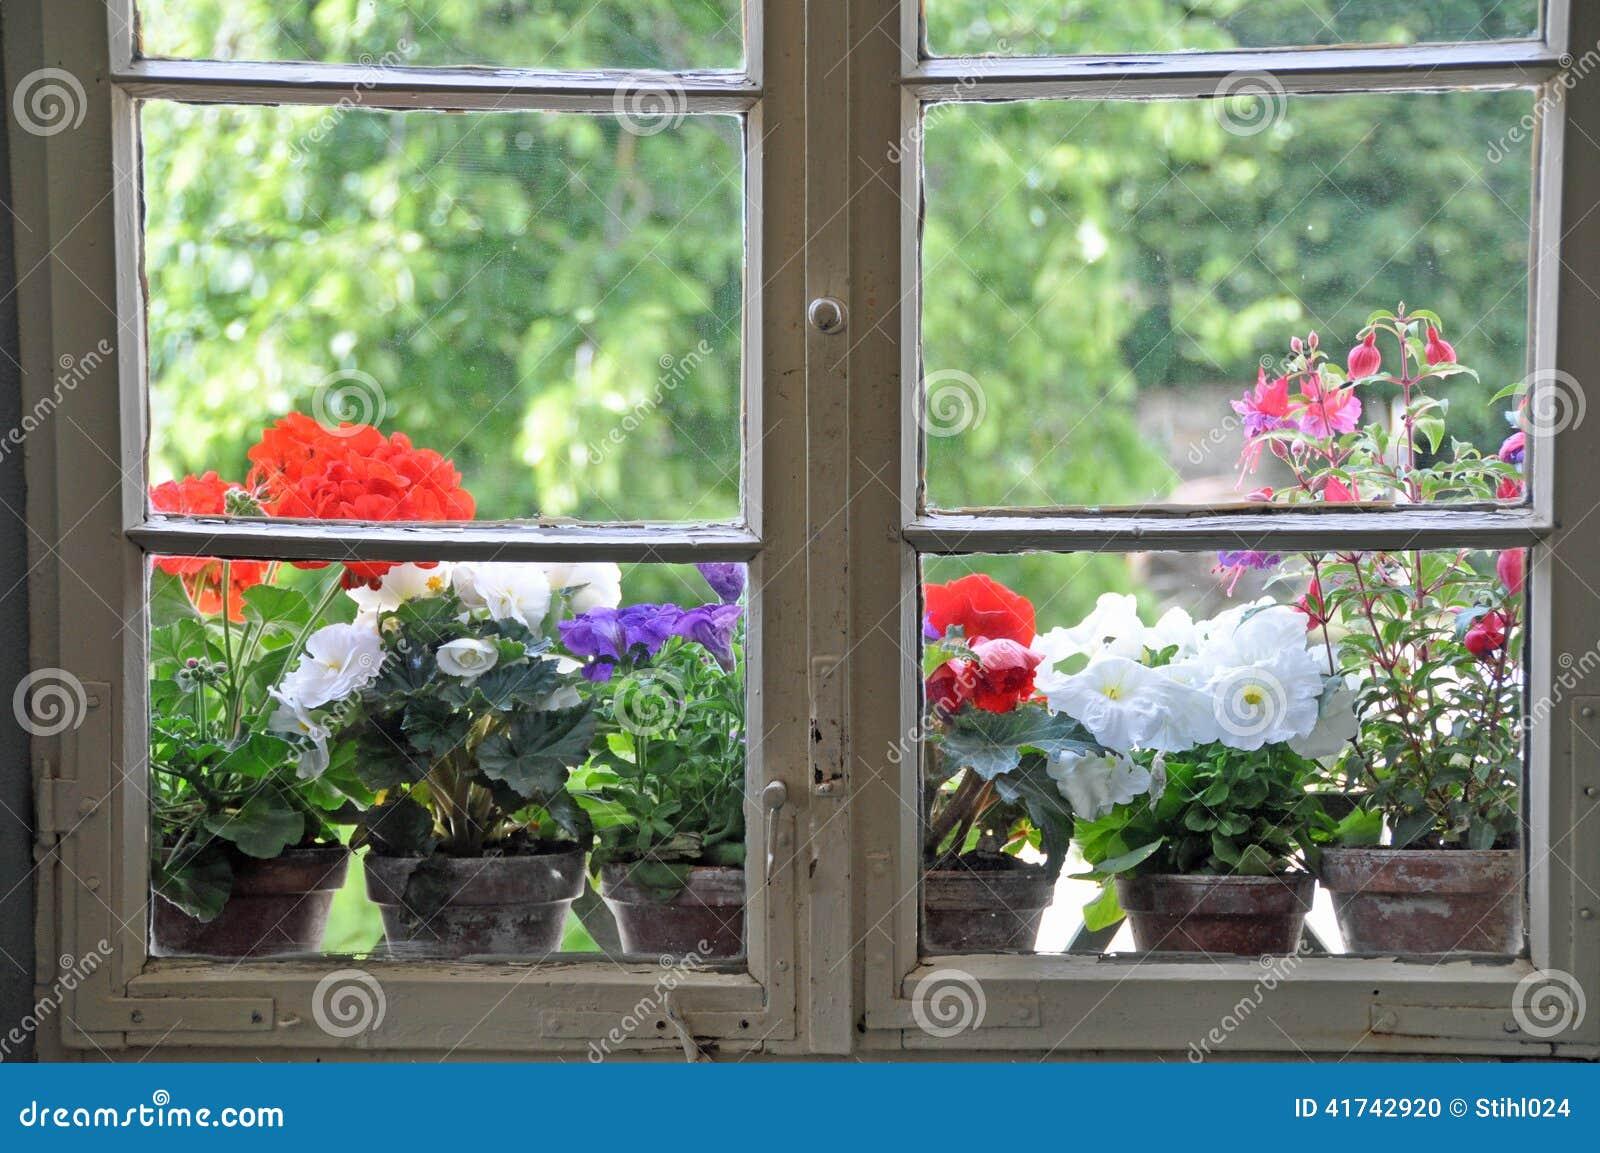 Vasi da fiori sul finestra davanzale fotografia stock immagine di chiuso sporgenza 41742920 - Davanzale finestra interno ...